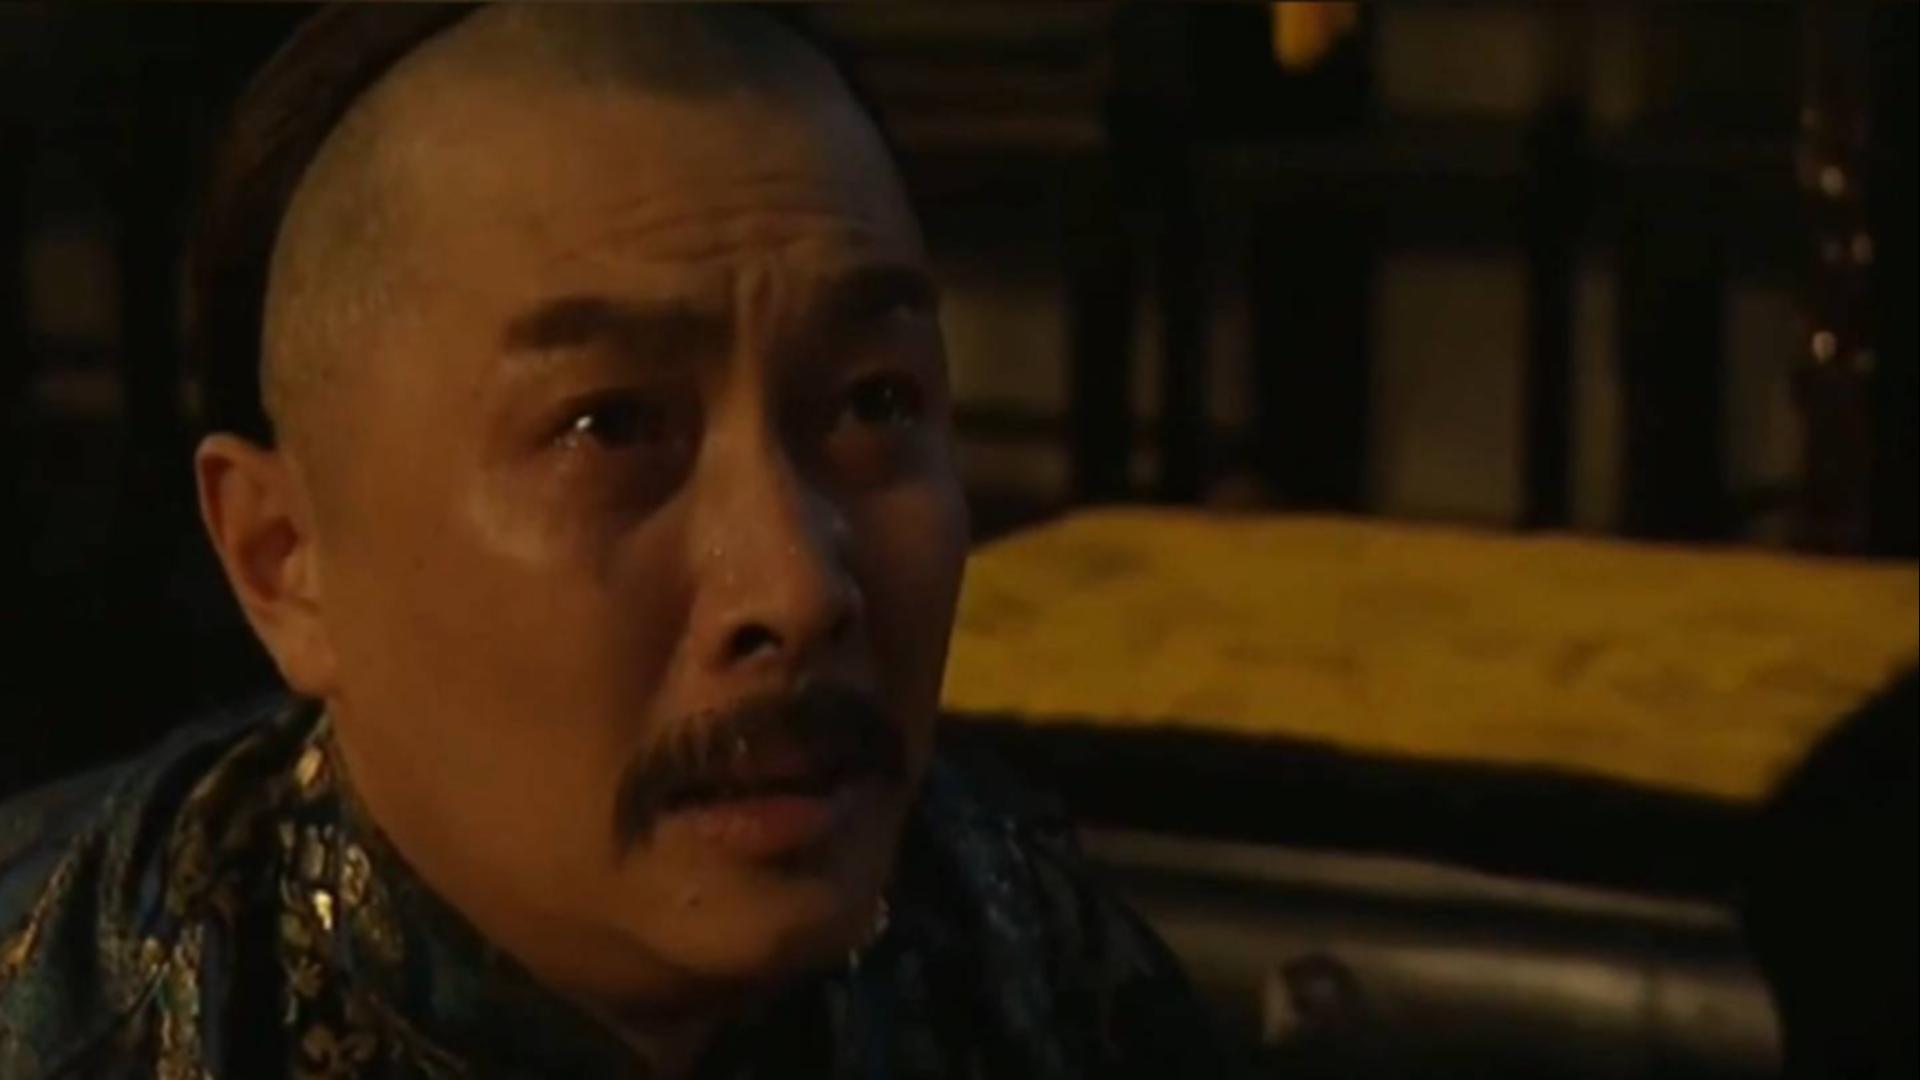 帝王向混剪,中国历史各朝代最伟大帝王临死说的话,何为帝王之道